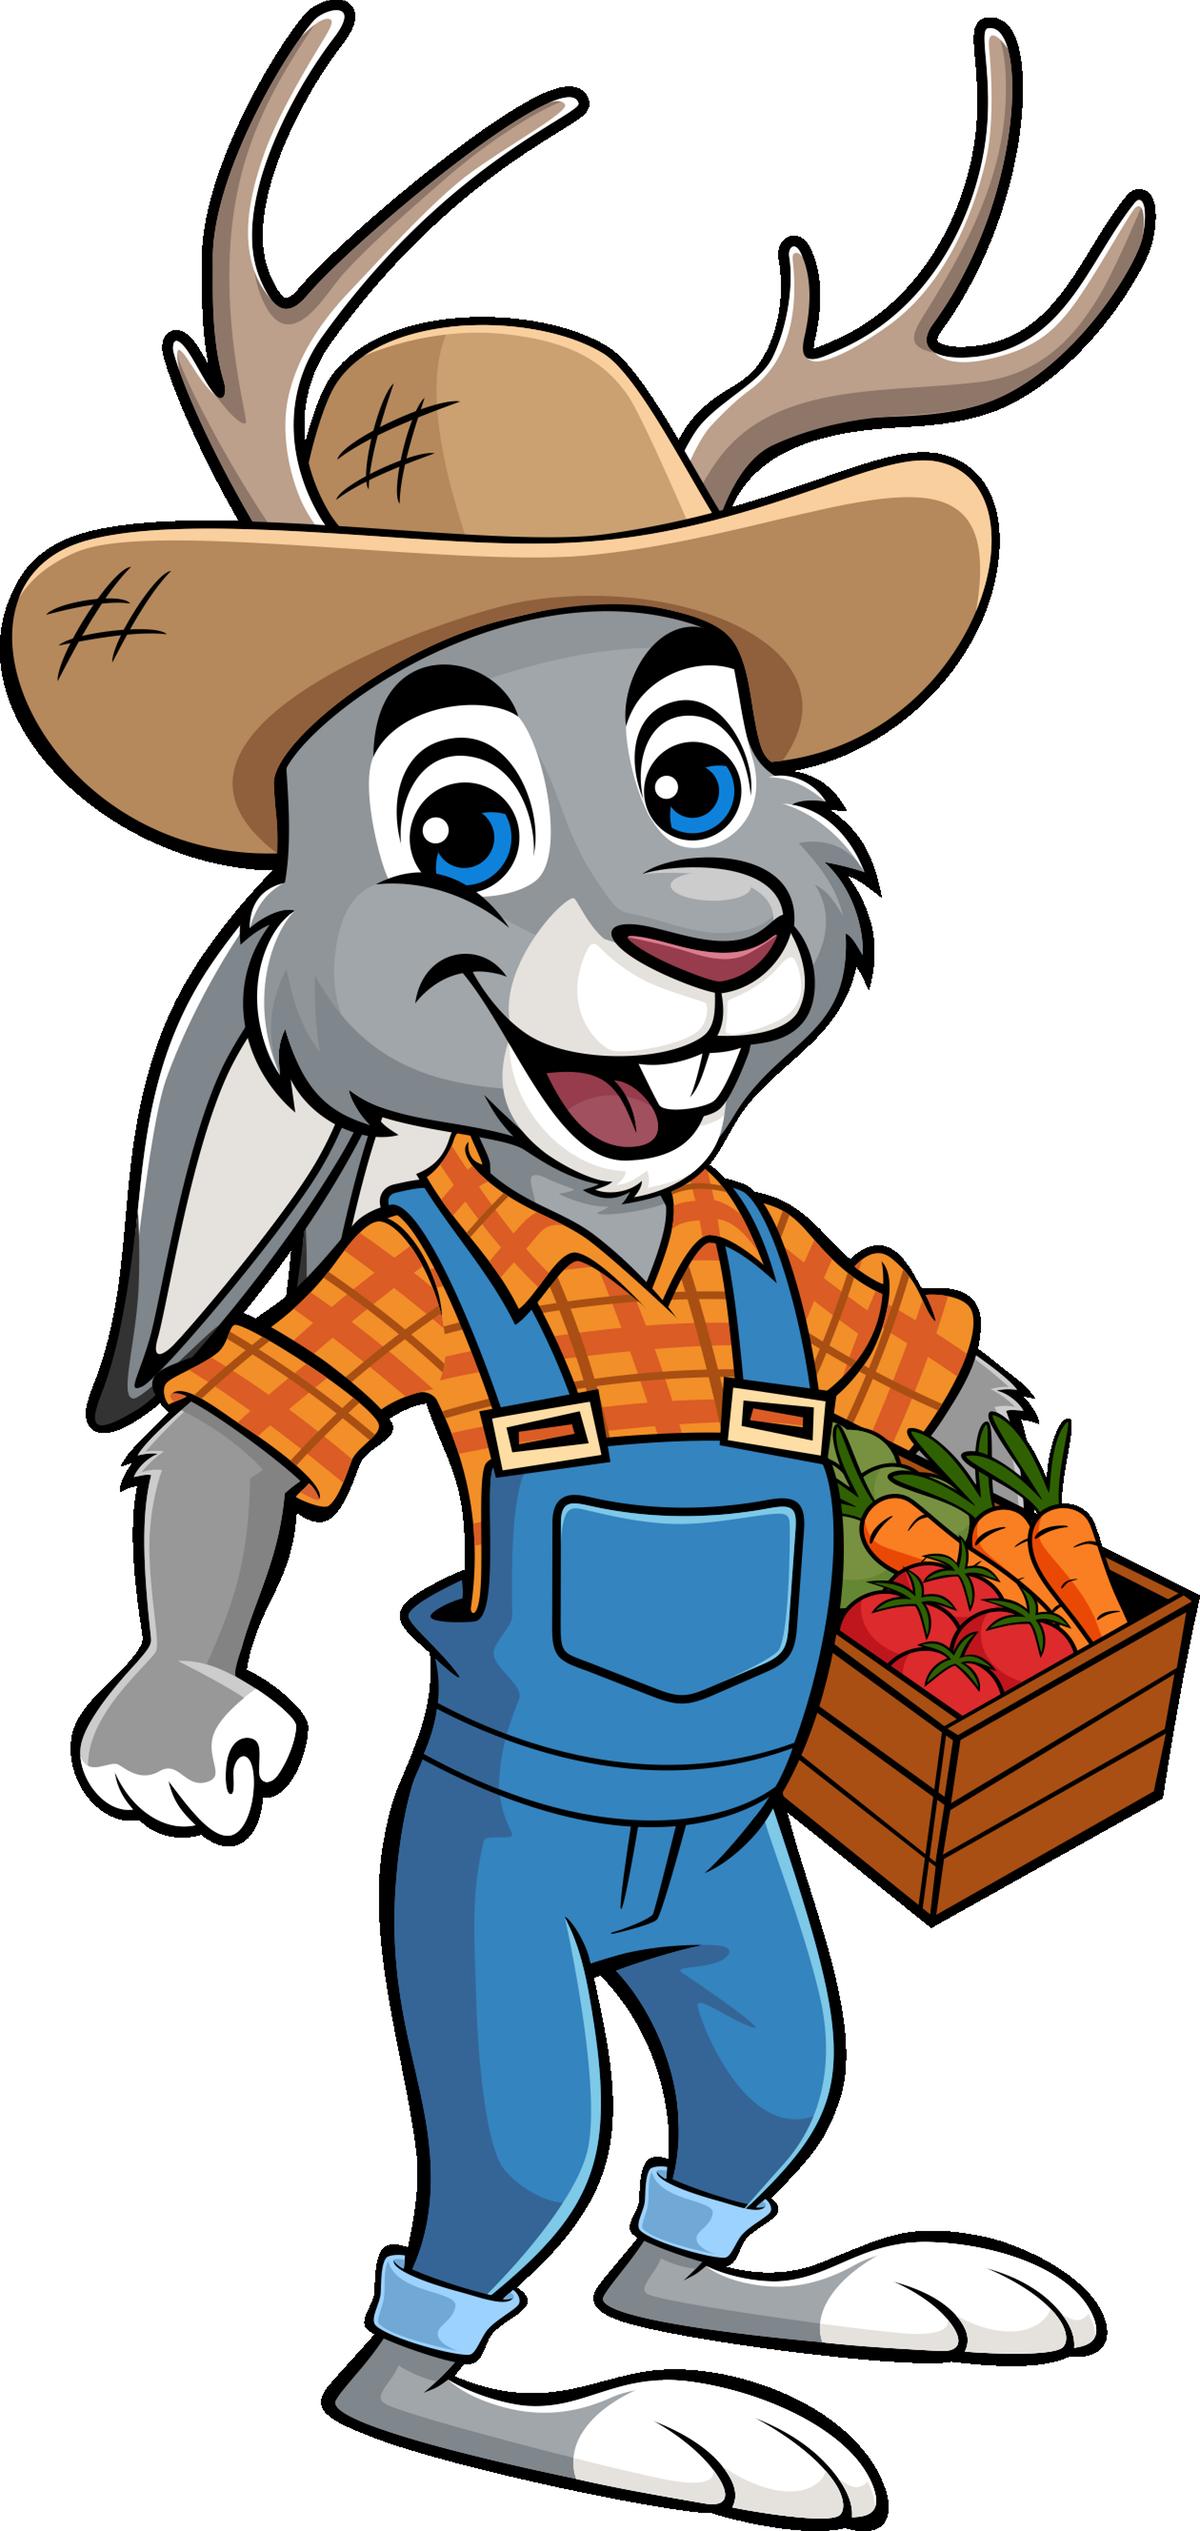 Jackalope artwork - farmer for farmers market